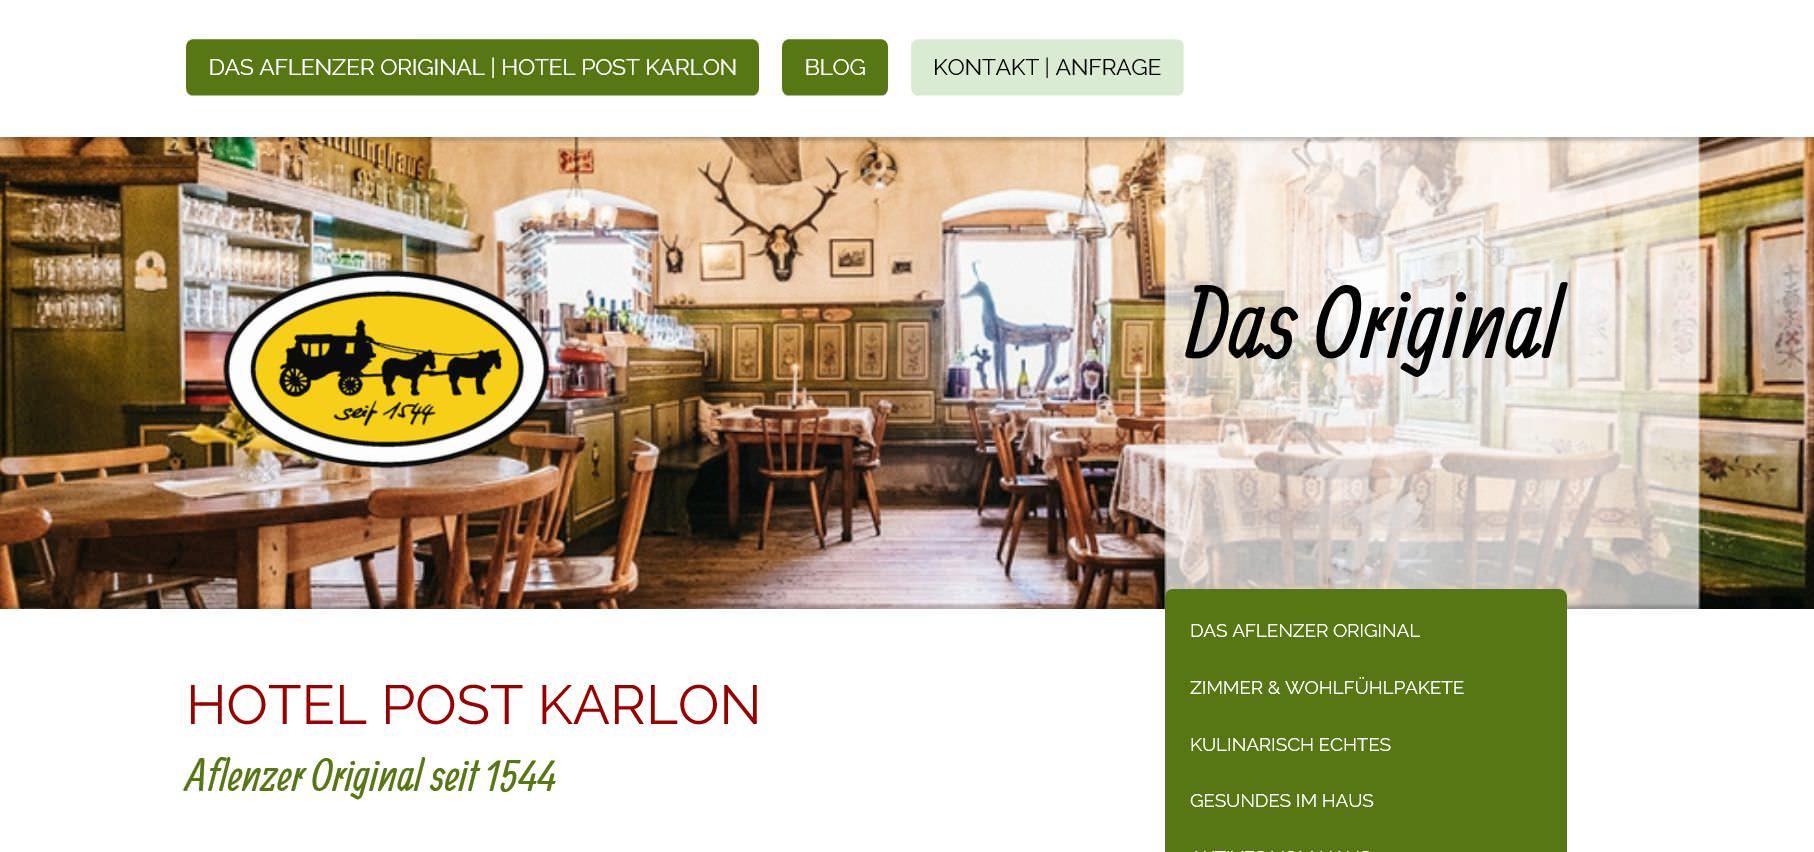 DAS Original: Neupositionierung, Design, Text, Website Hotel Post Karlon